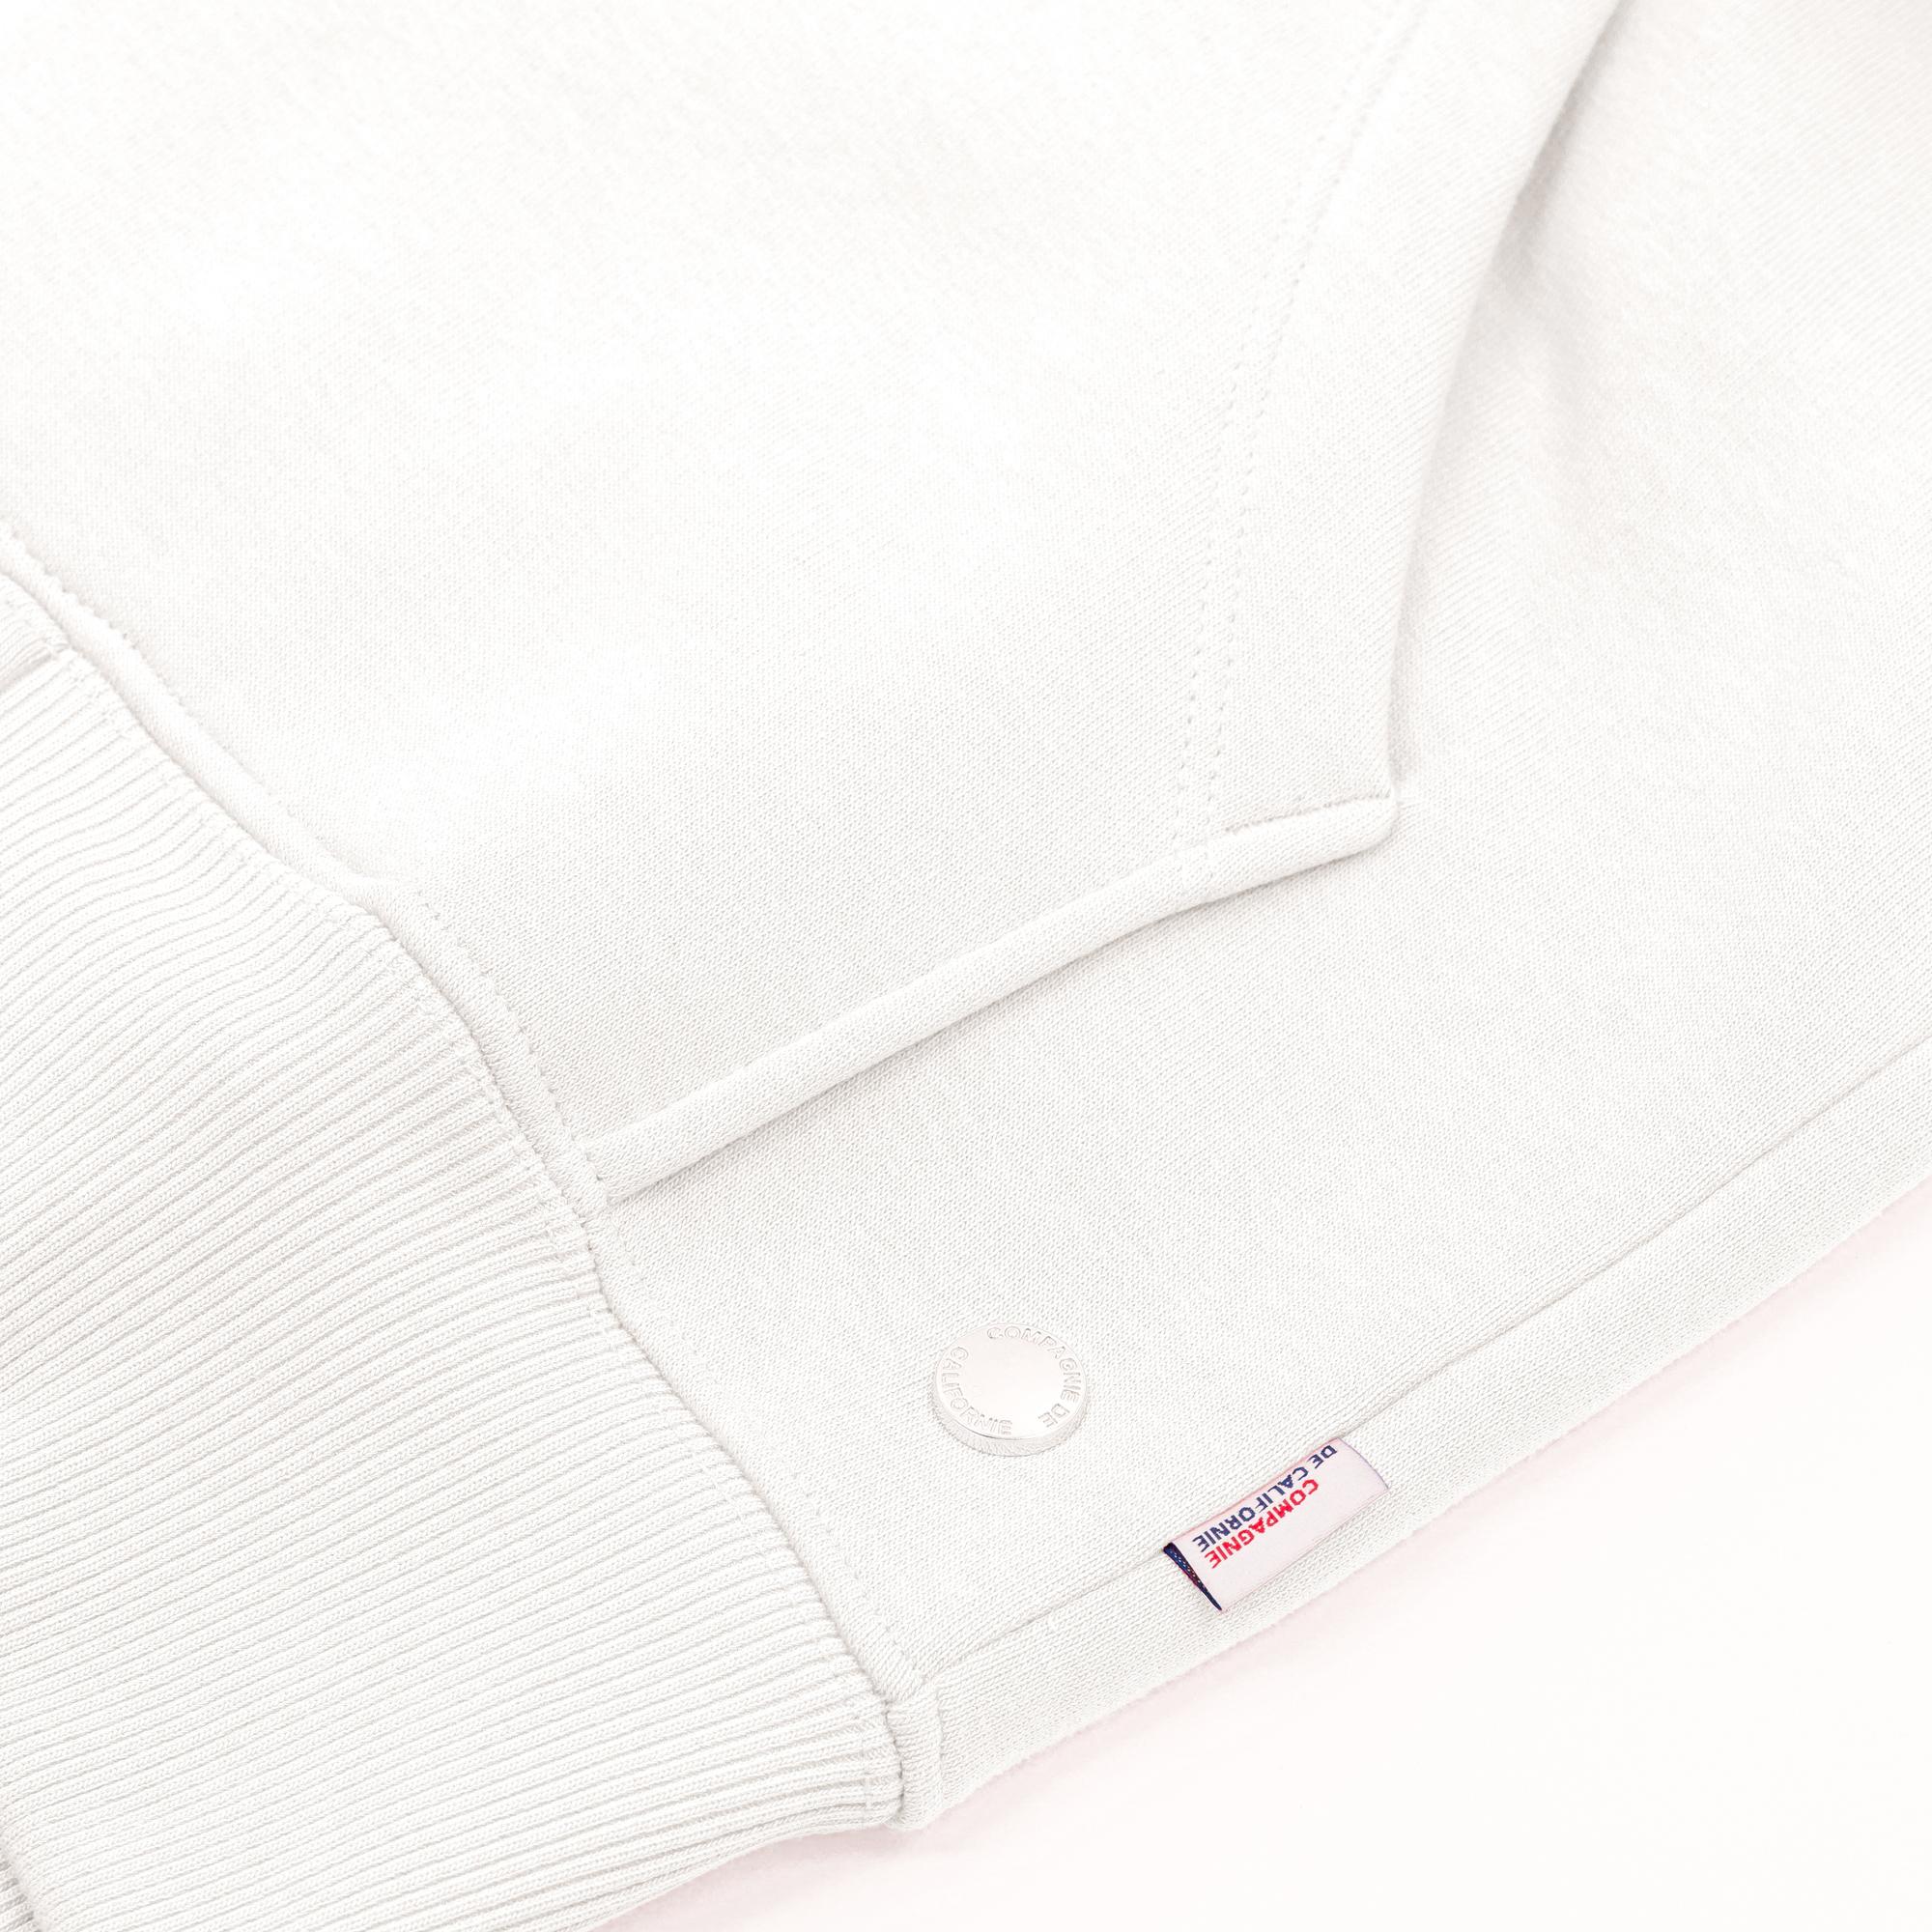 new cupertino hoodie zip blanc 2